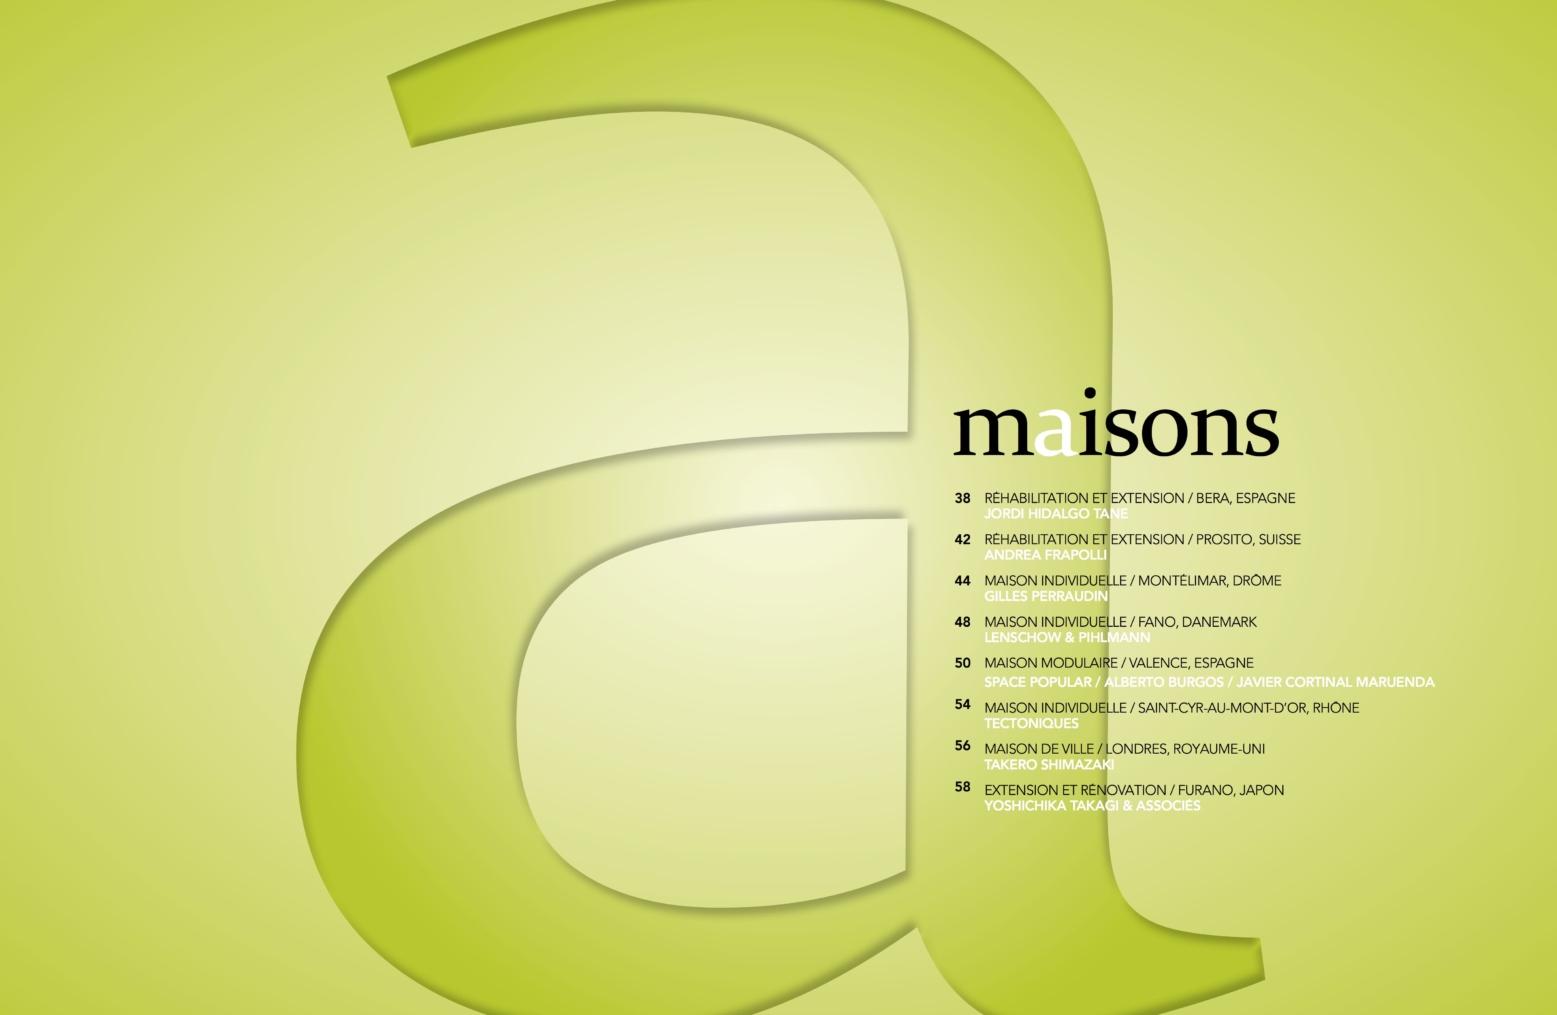 AMC287P036-037_OUV_MAISONS